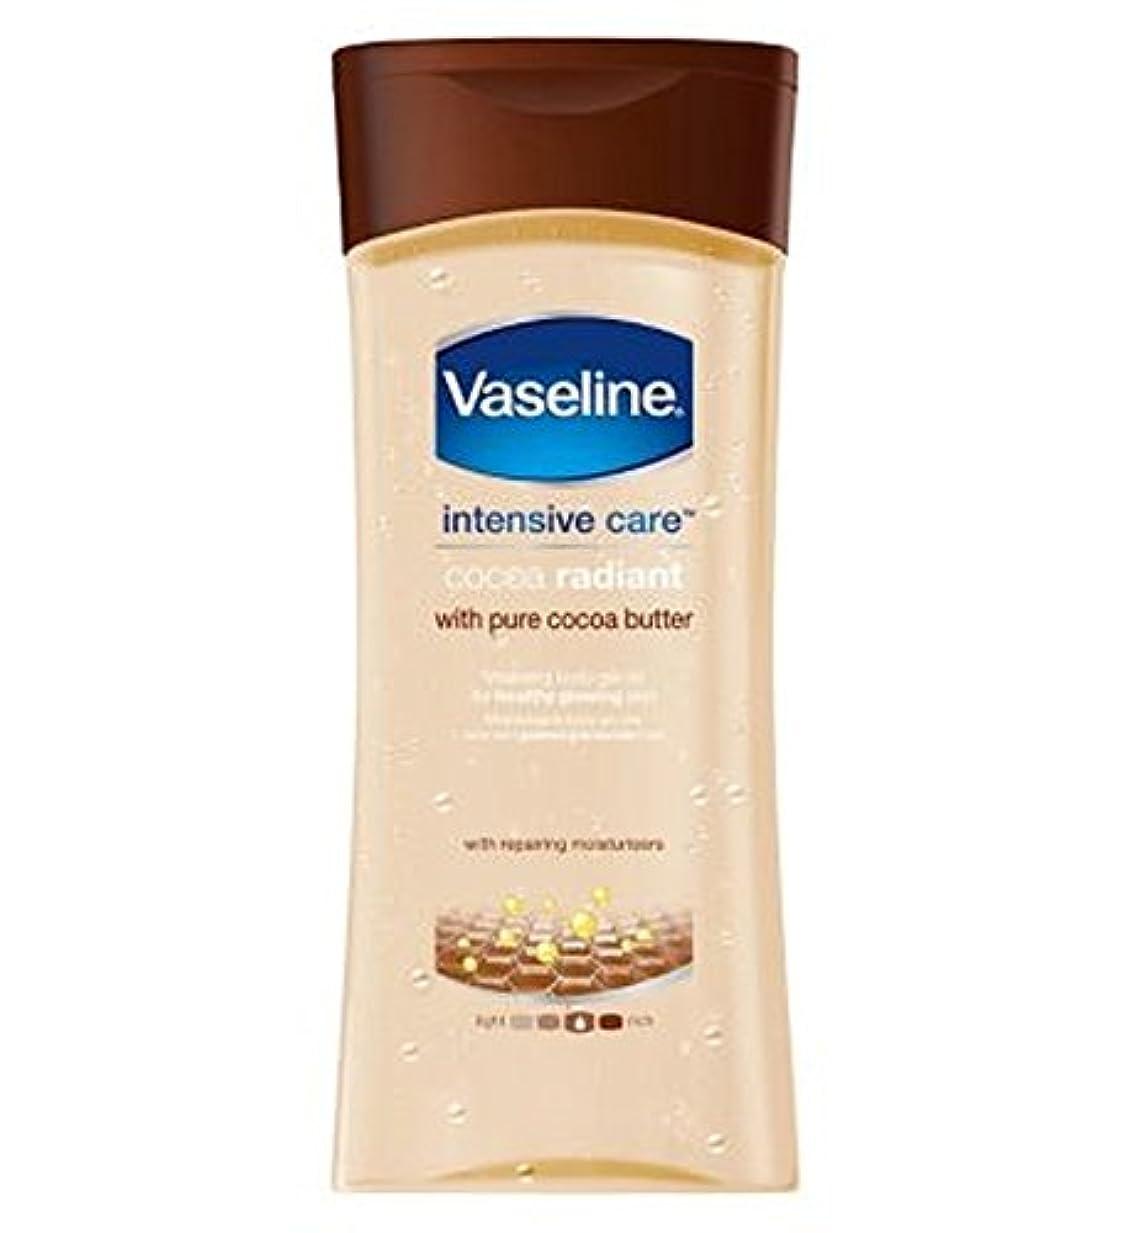 レキシコン後方にこだわりワセリン集中治療ココアゲルオイル200ミリリットル (Vaseline) (x2) - Vaseline Intensive Care Cocoa Gel Oil 200ml (Pack of 2) [並行輸入品]